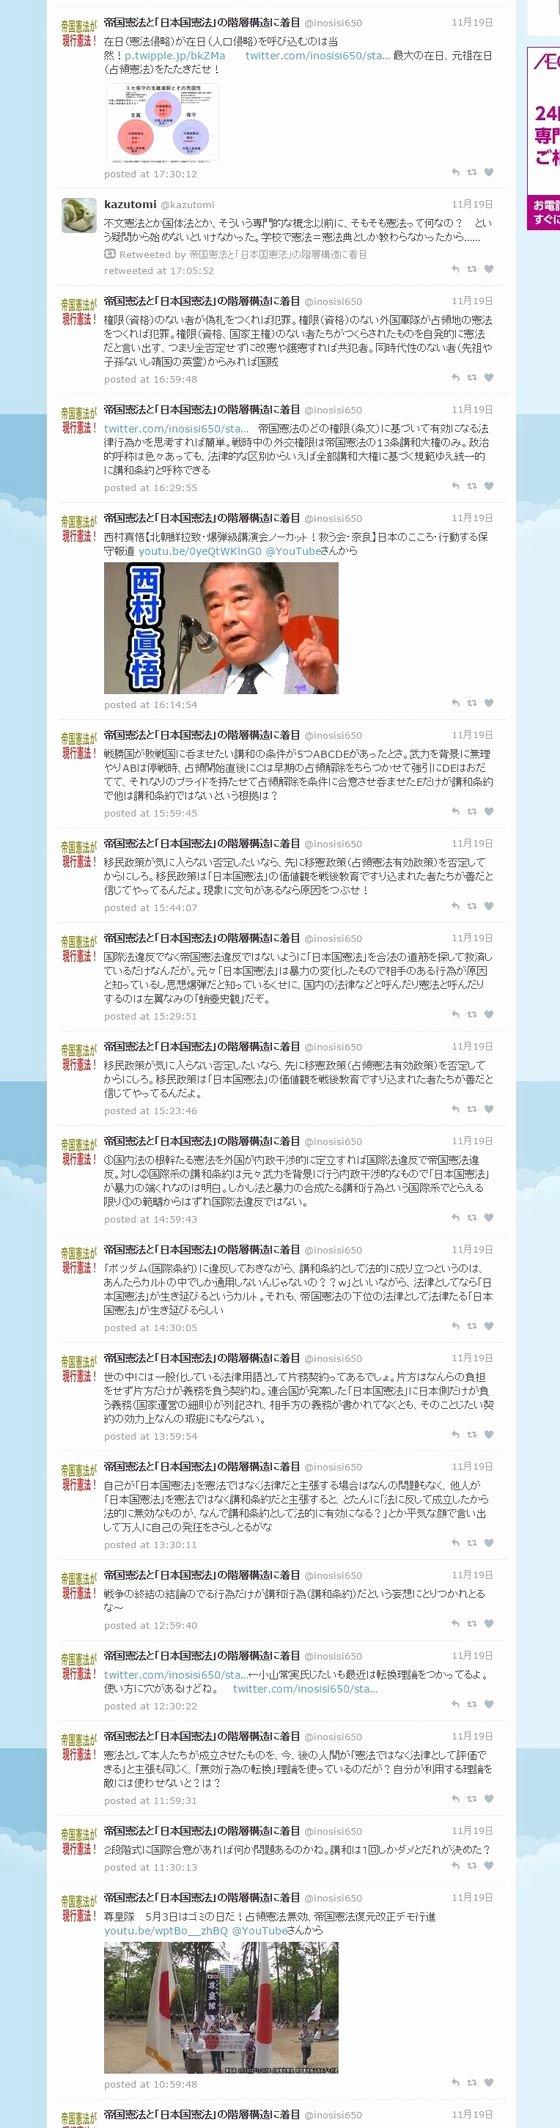 最近のボット風景 その他文化活動 ザ・真正護憲論(憲法無効論)<大日本帝国憲法は現存しています